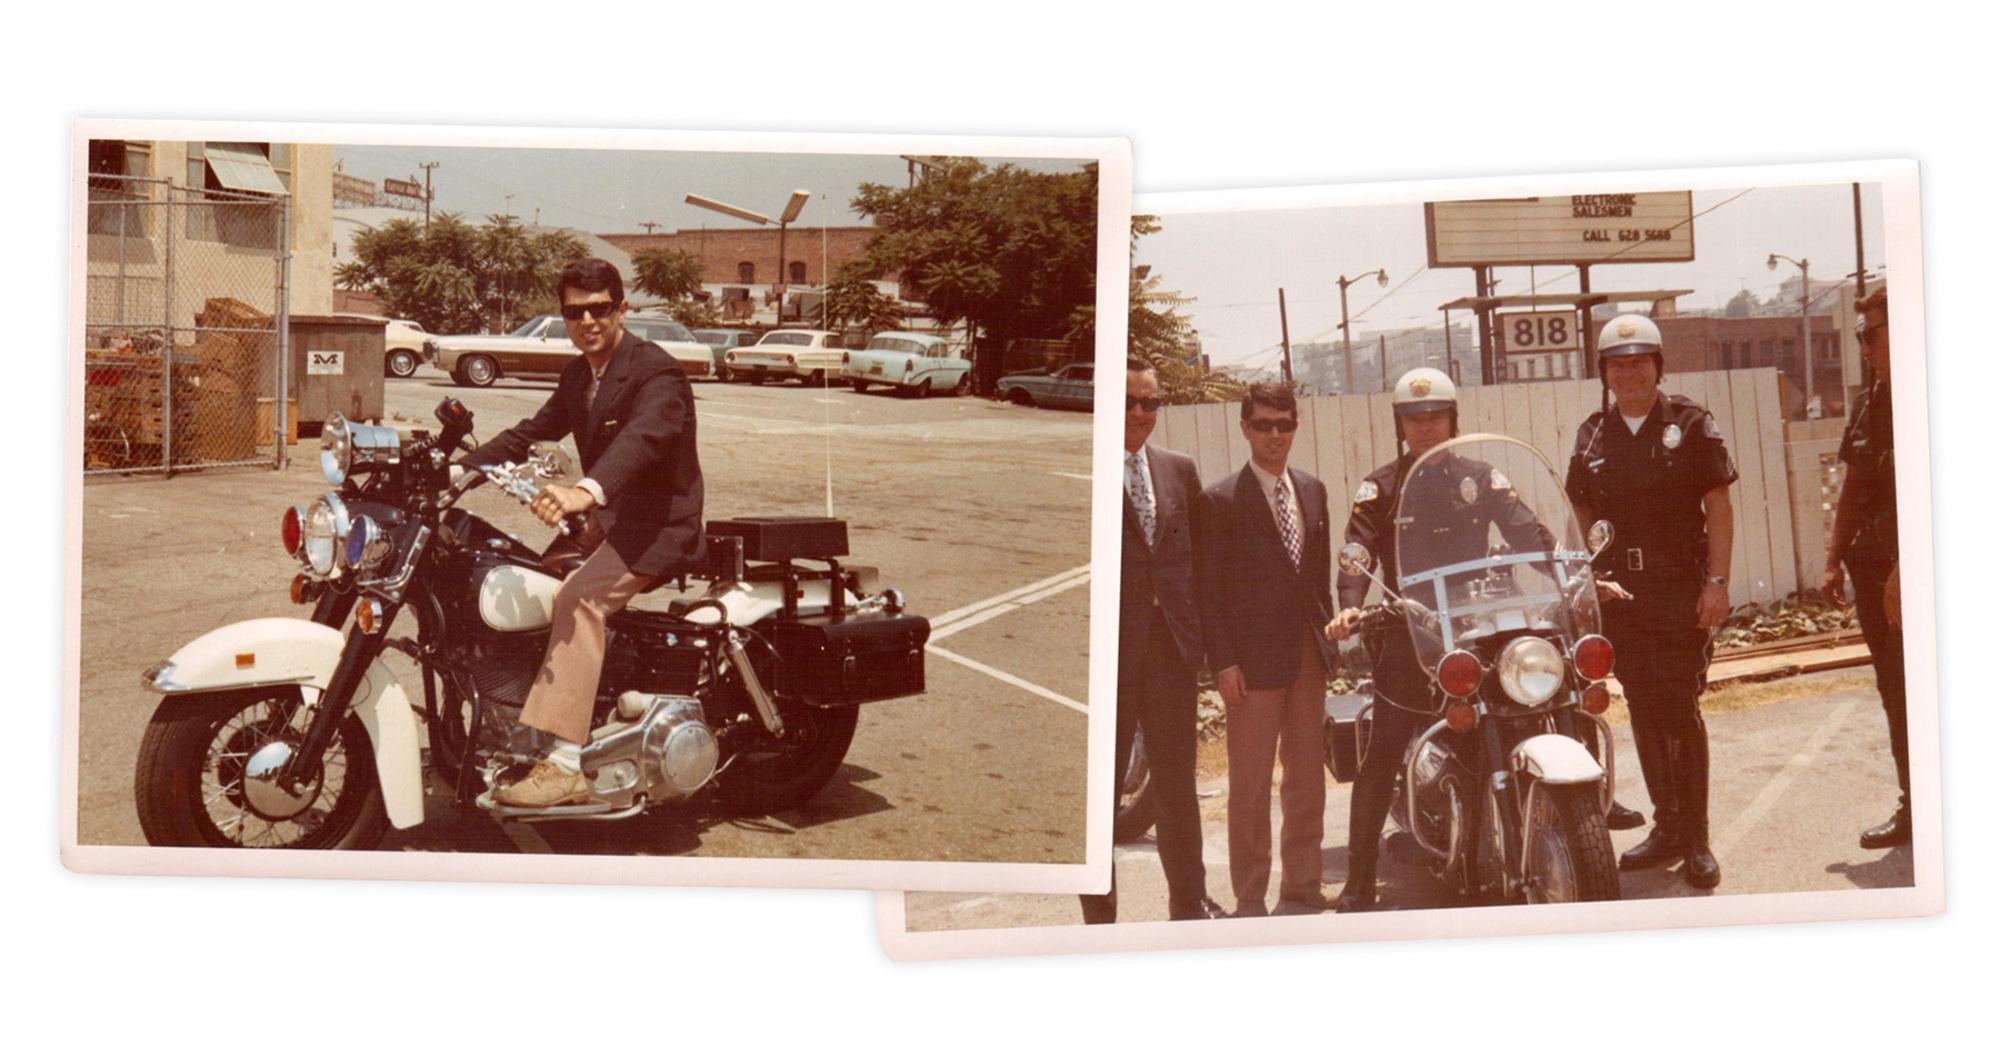 Enrico De Vita al Los Angeles Police Department nel 1970. A sinistra in prova con la concorrenza, Harley Davidson; a destra assieme ai capi e ai comandanti della polizia di Los Angeles